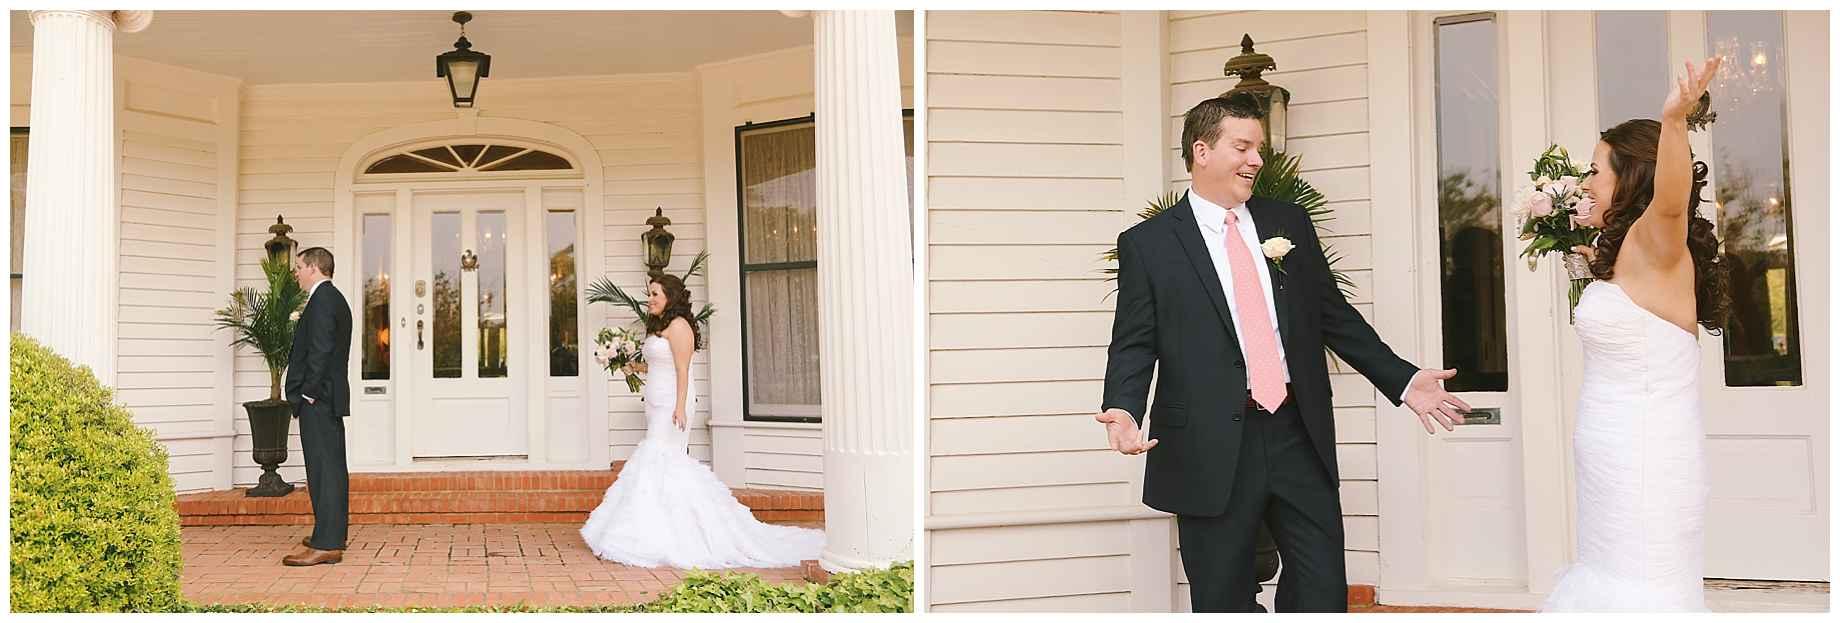 tyler-texas-wedding-photorapher-10